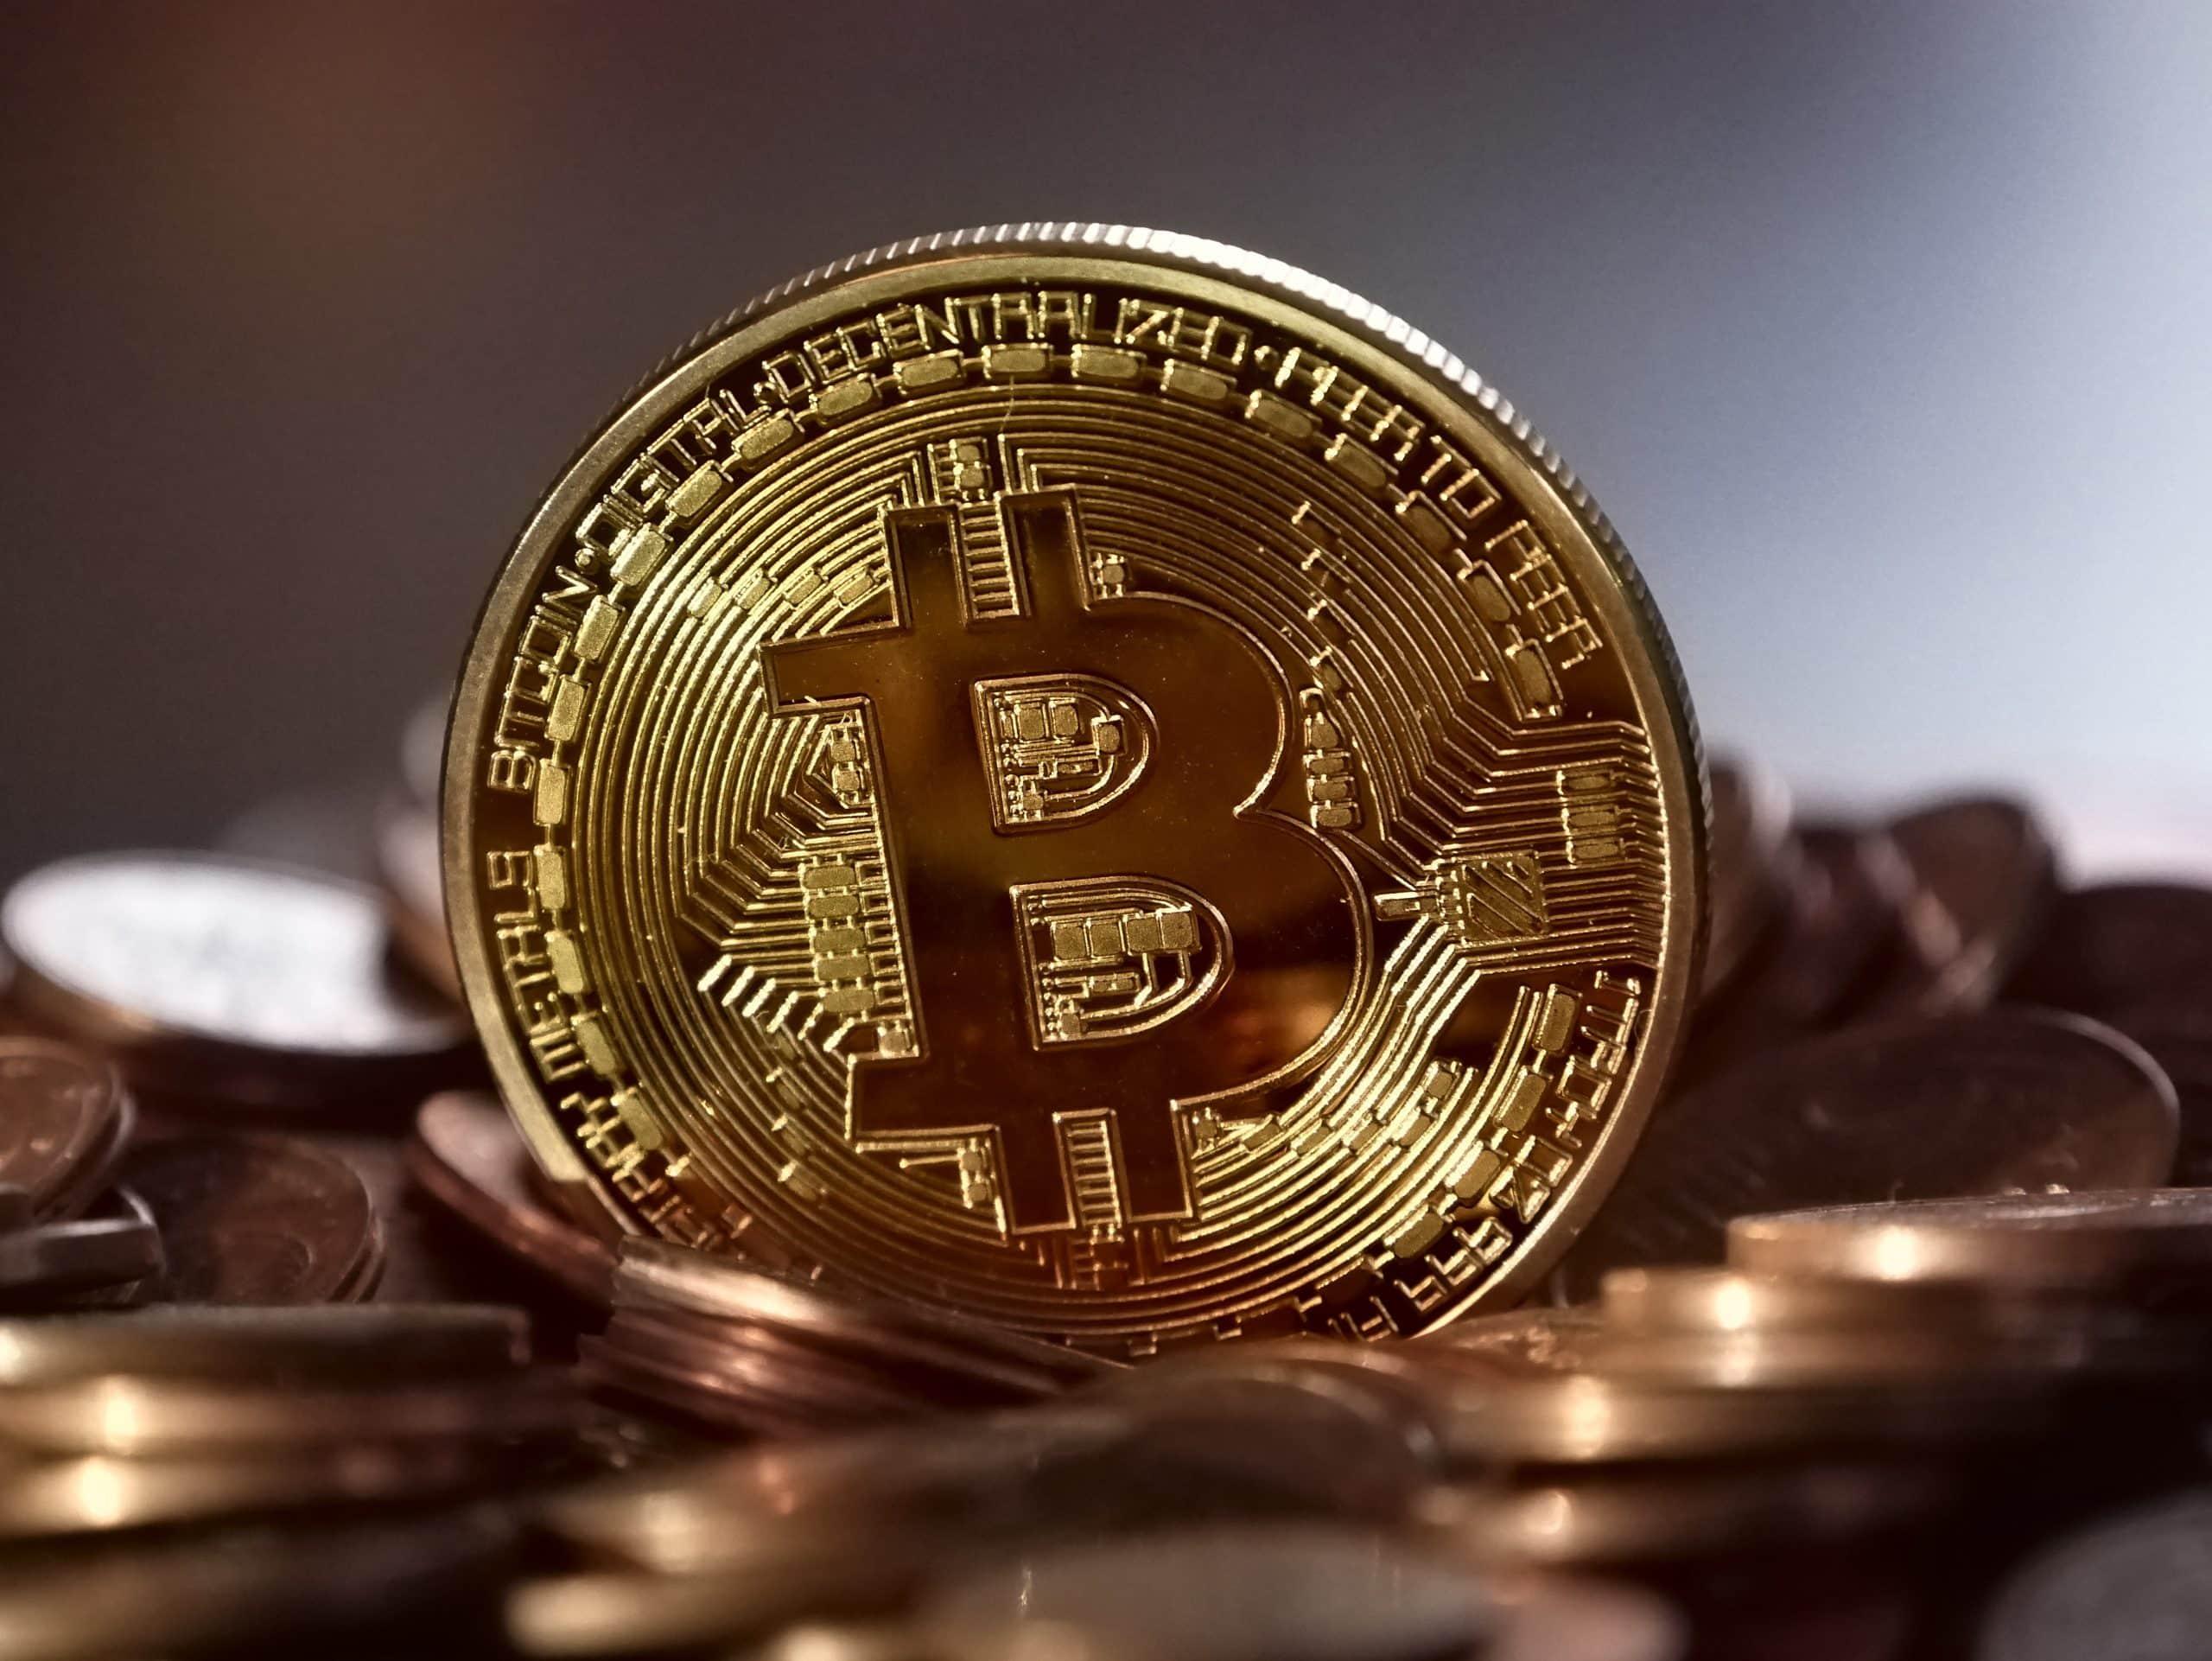 Bitcoin digital assets